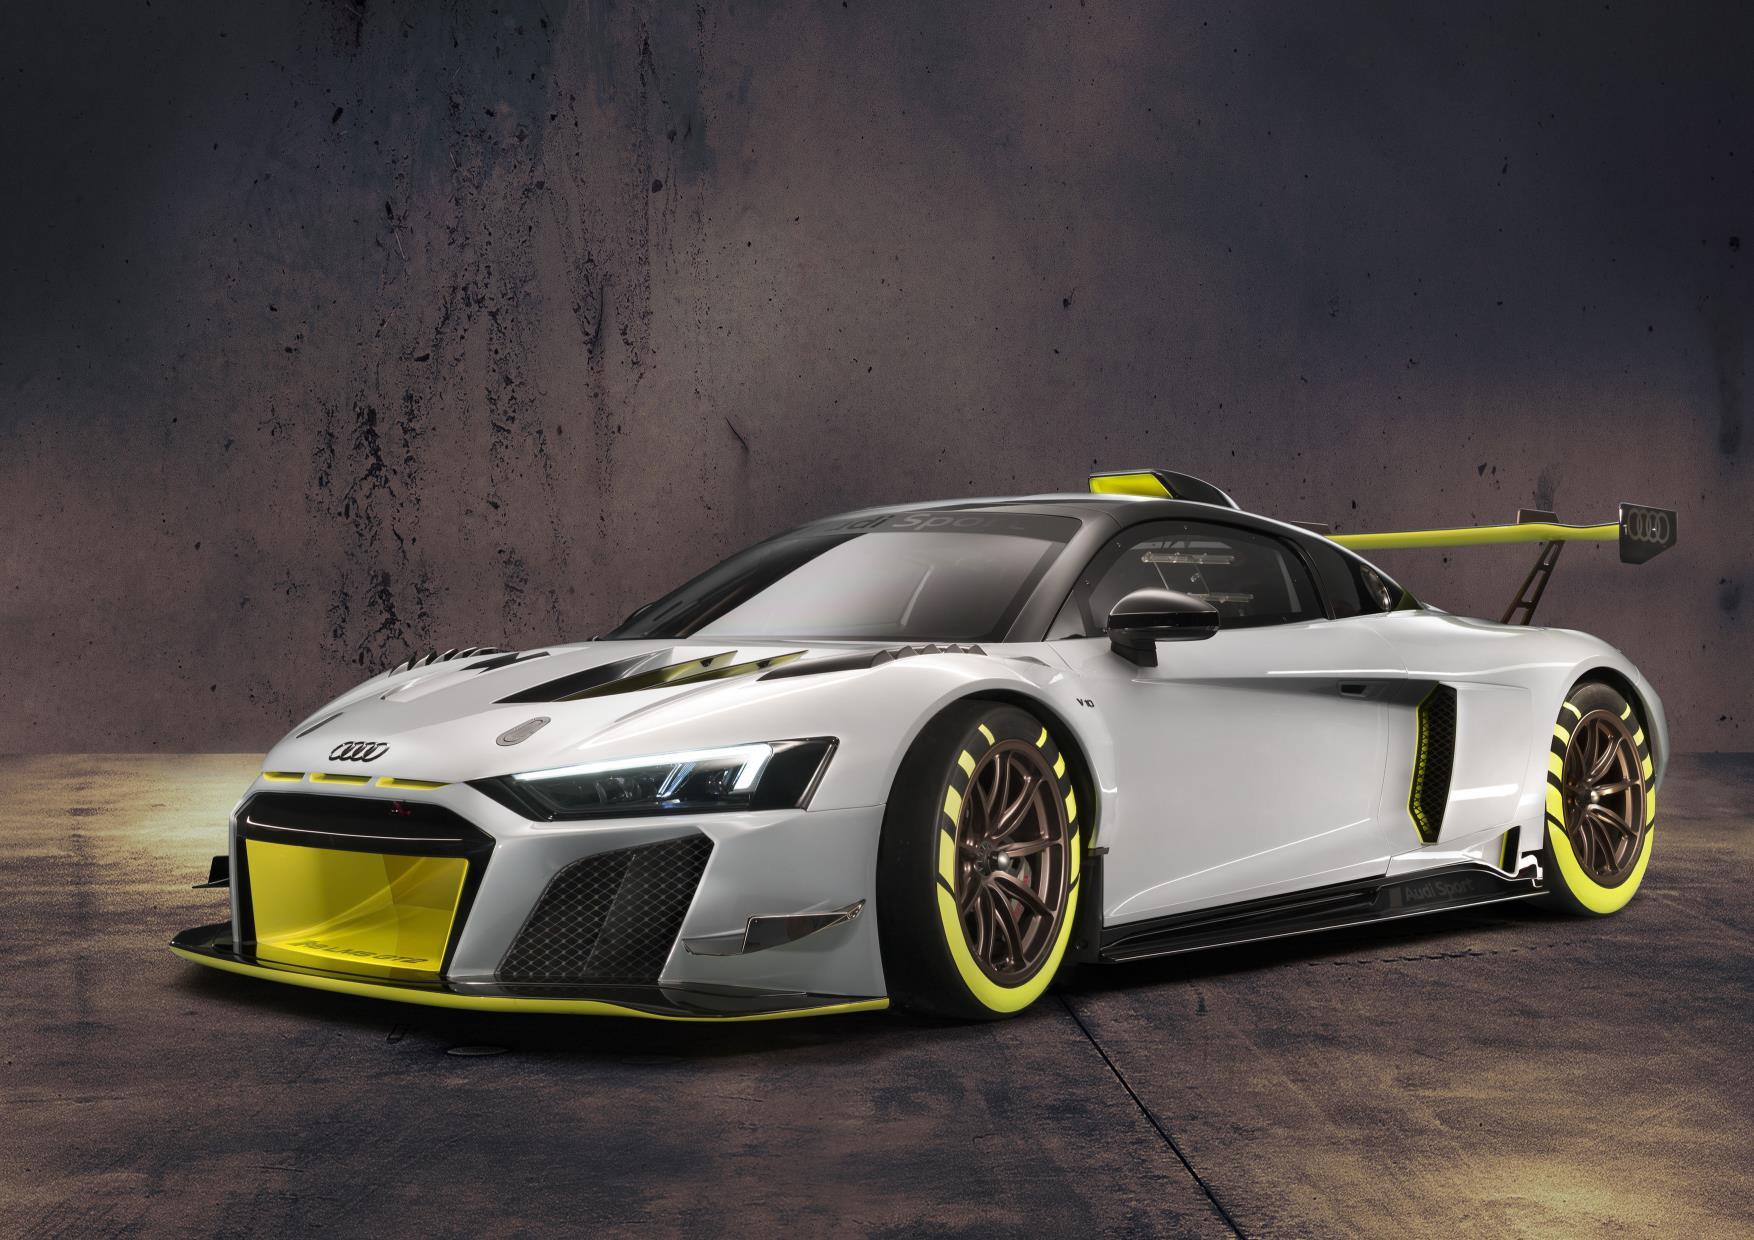 El R8 coche de competición de Audi